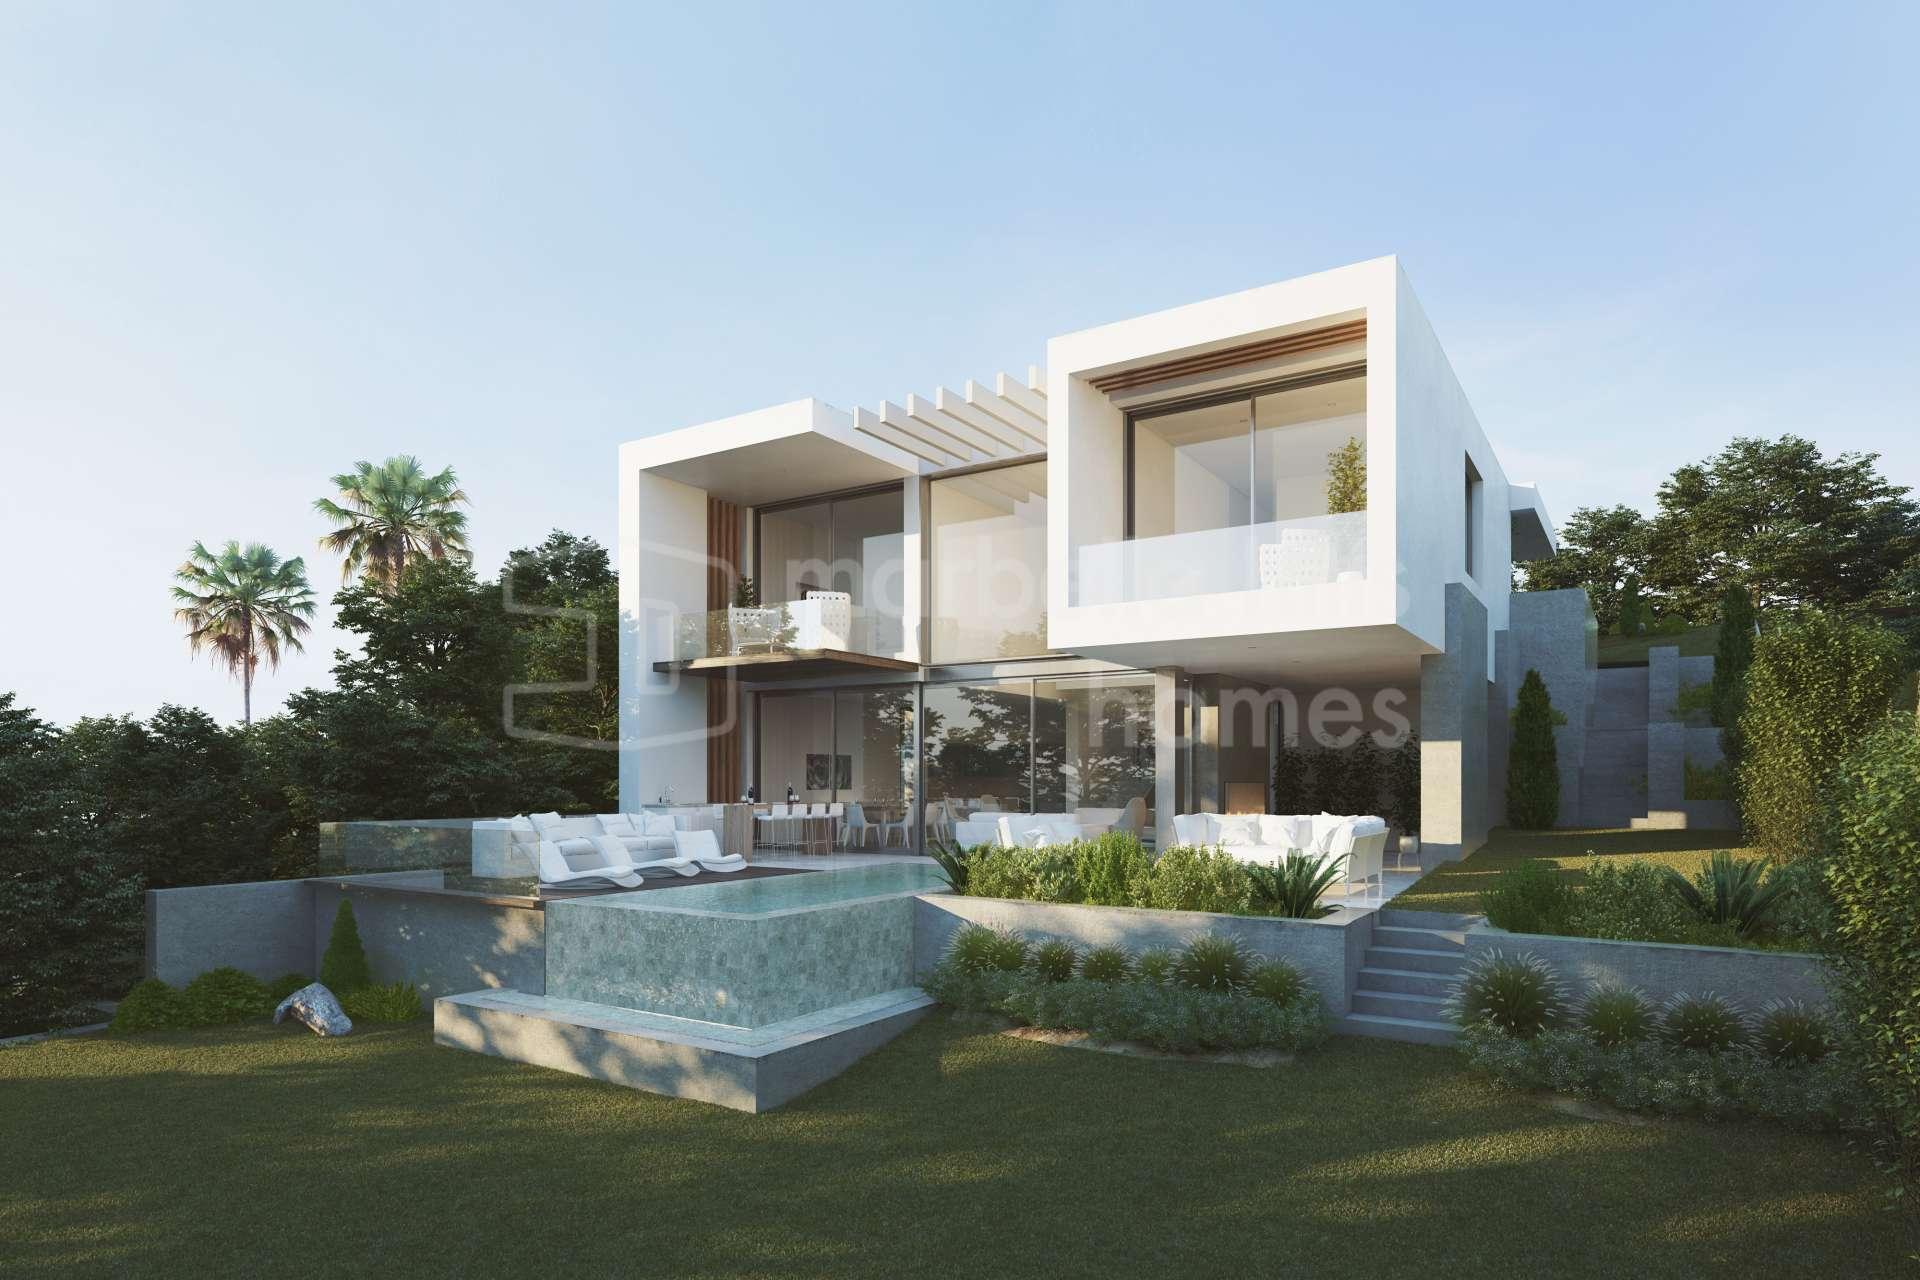 New construction project of 4 contemporary villas in la alqueria